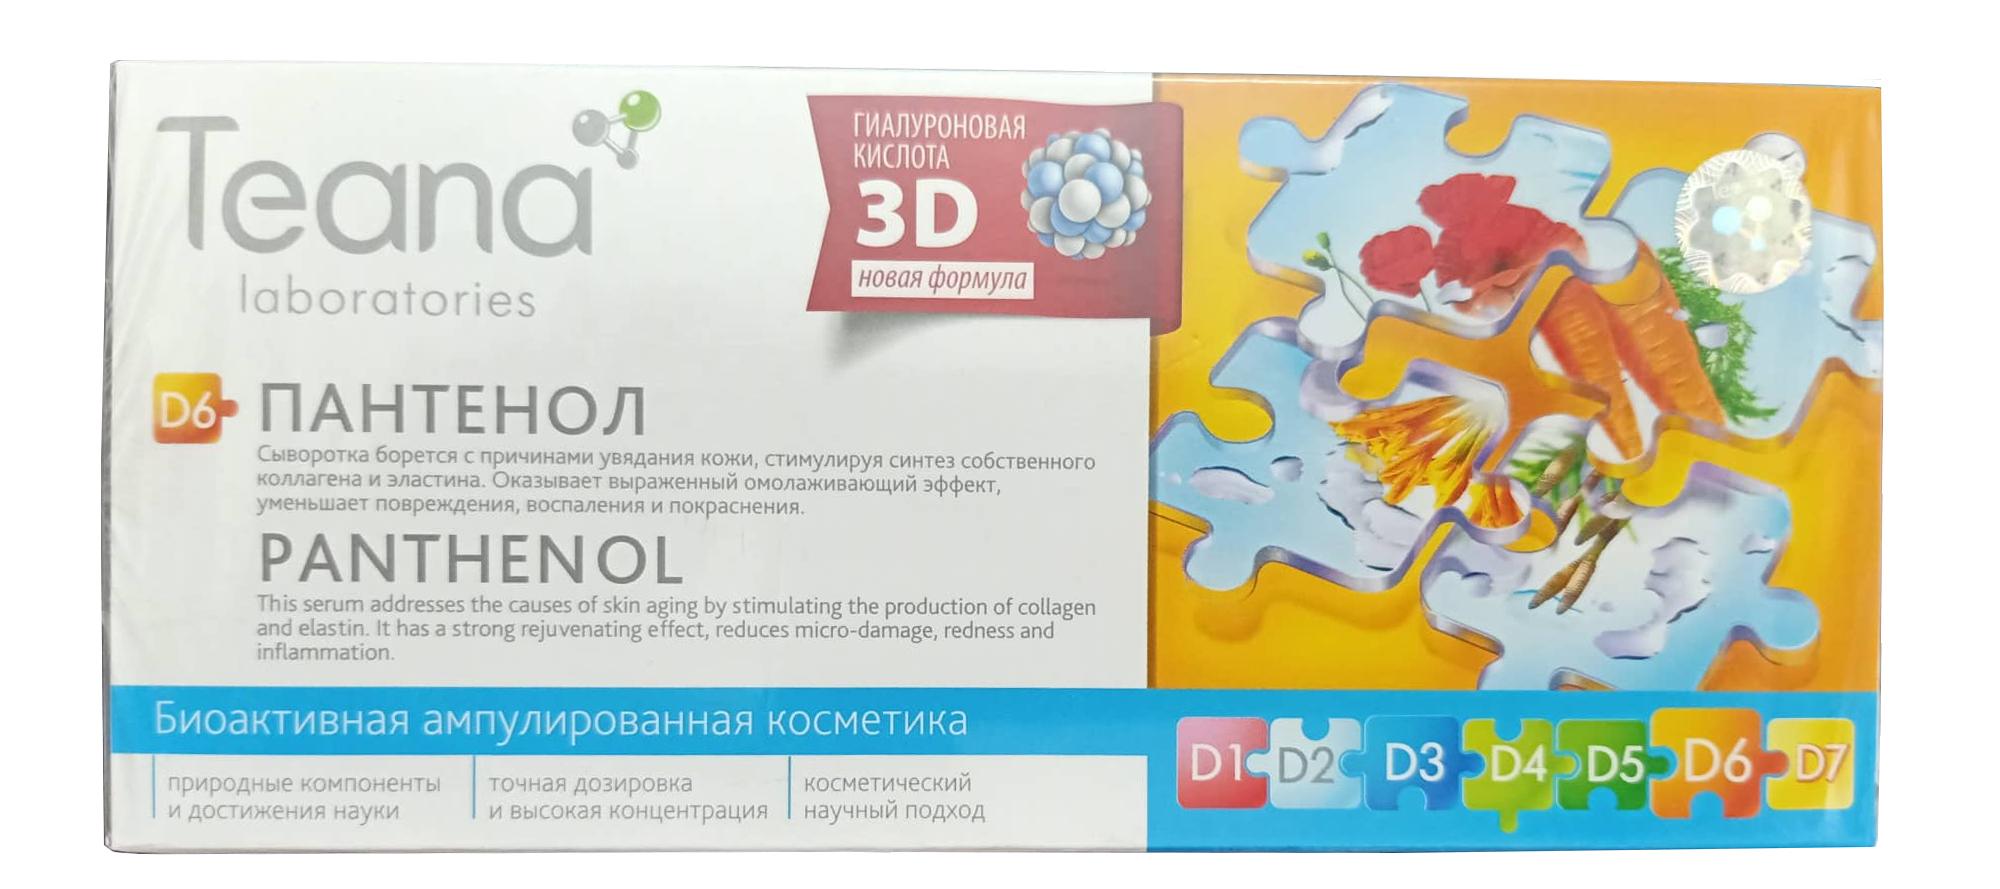 Collagen tươi Teana D6 của Nga chống chảy xệ cho phụ nữ tuổi 30